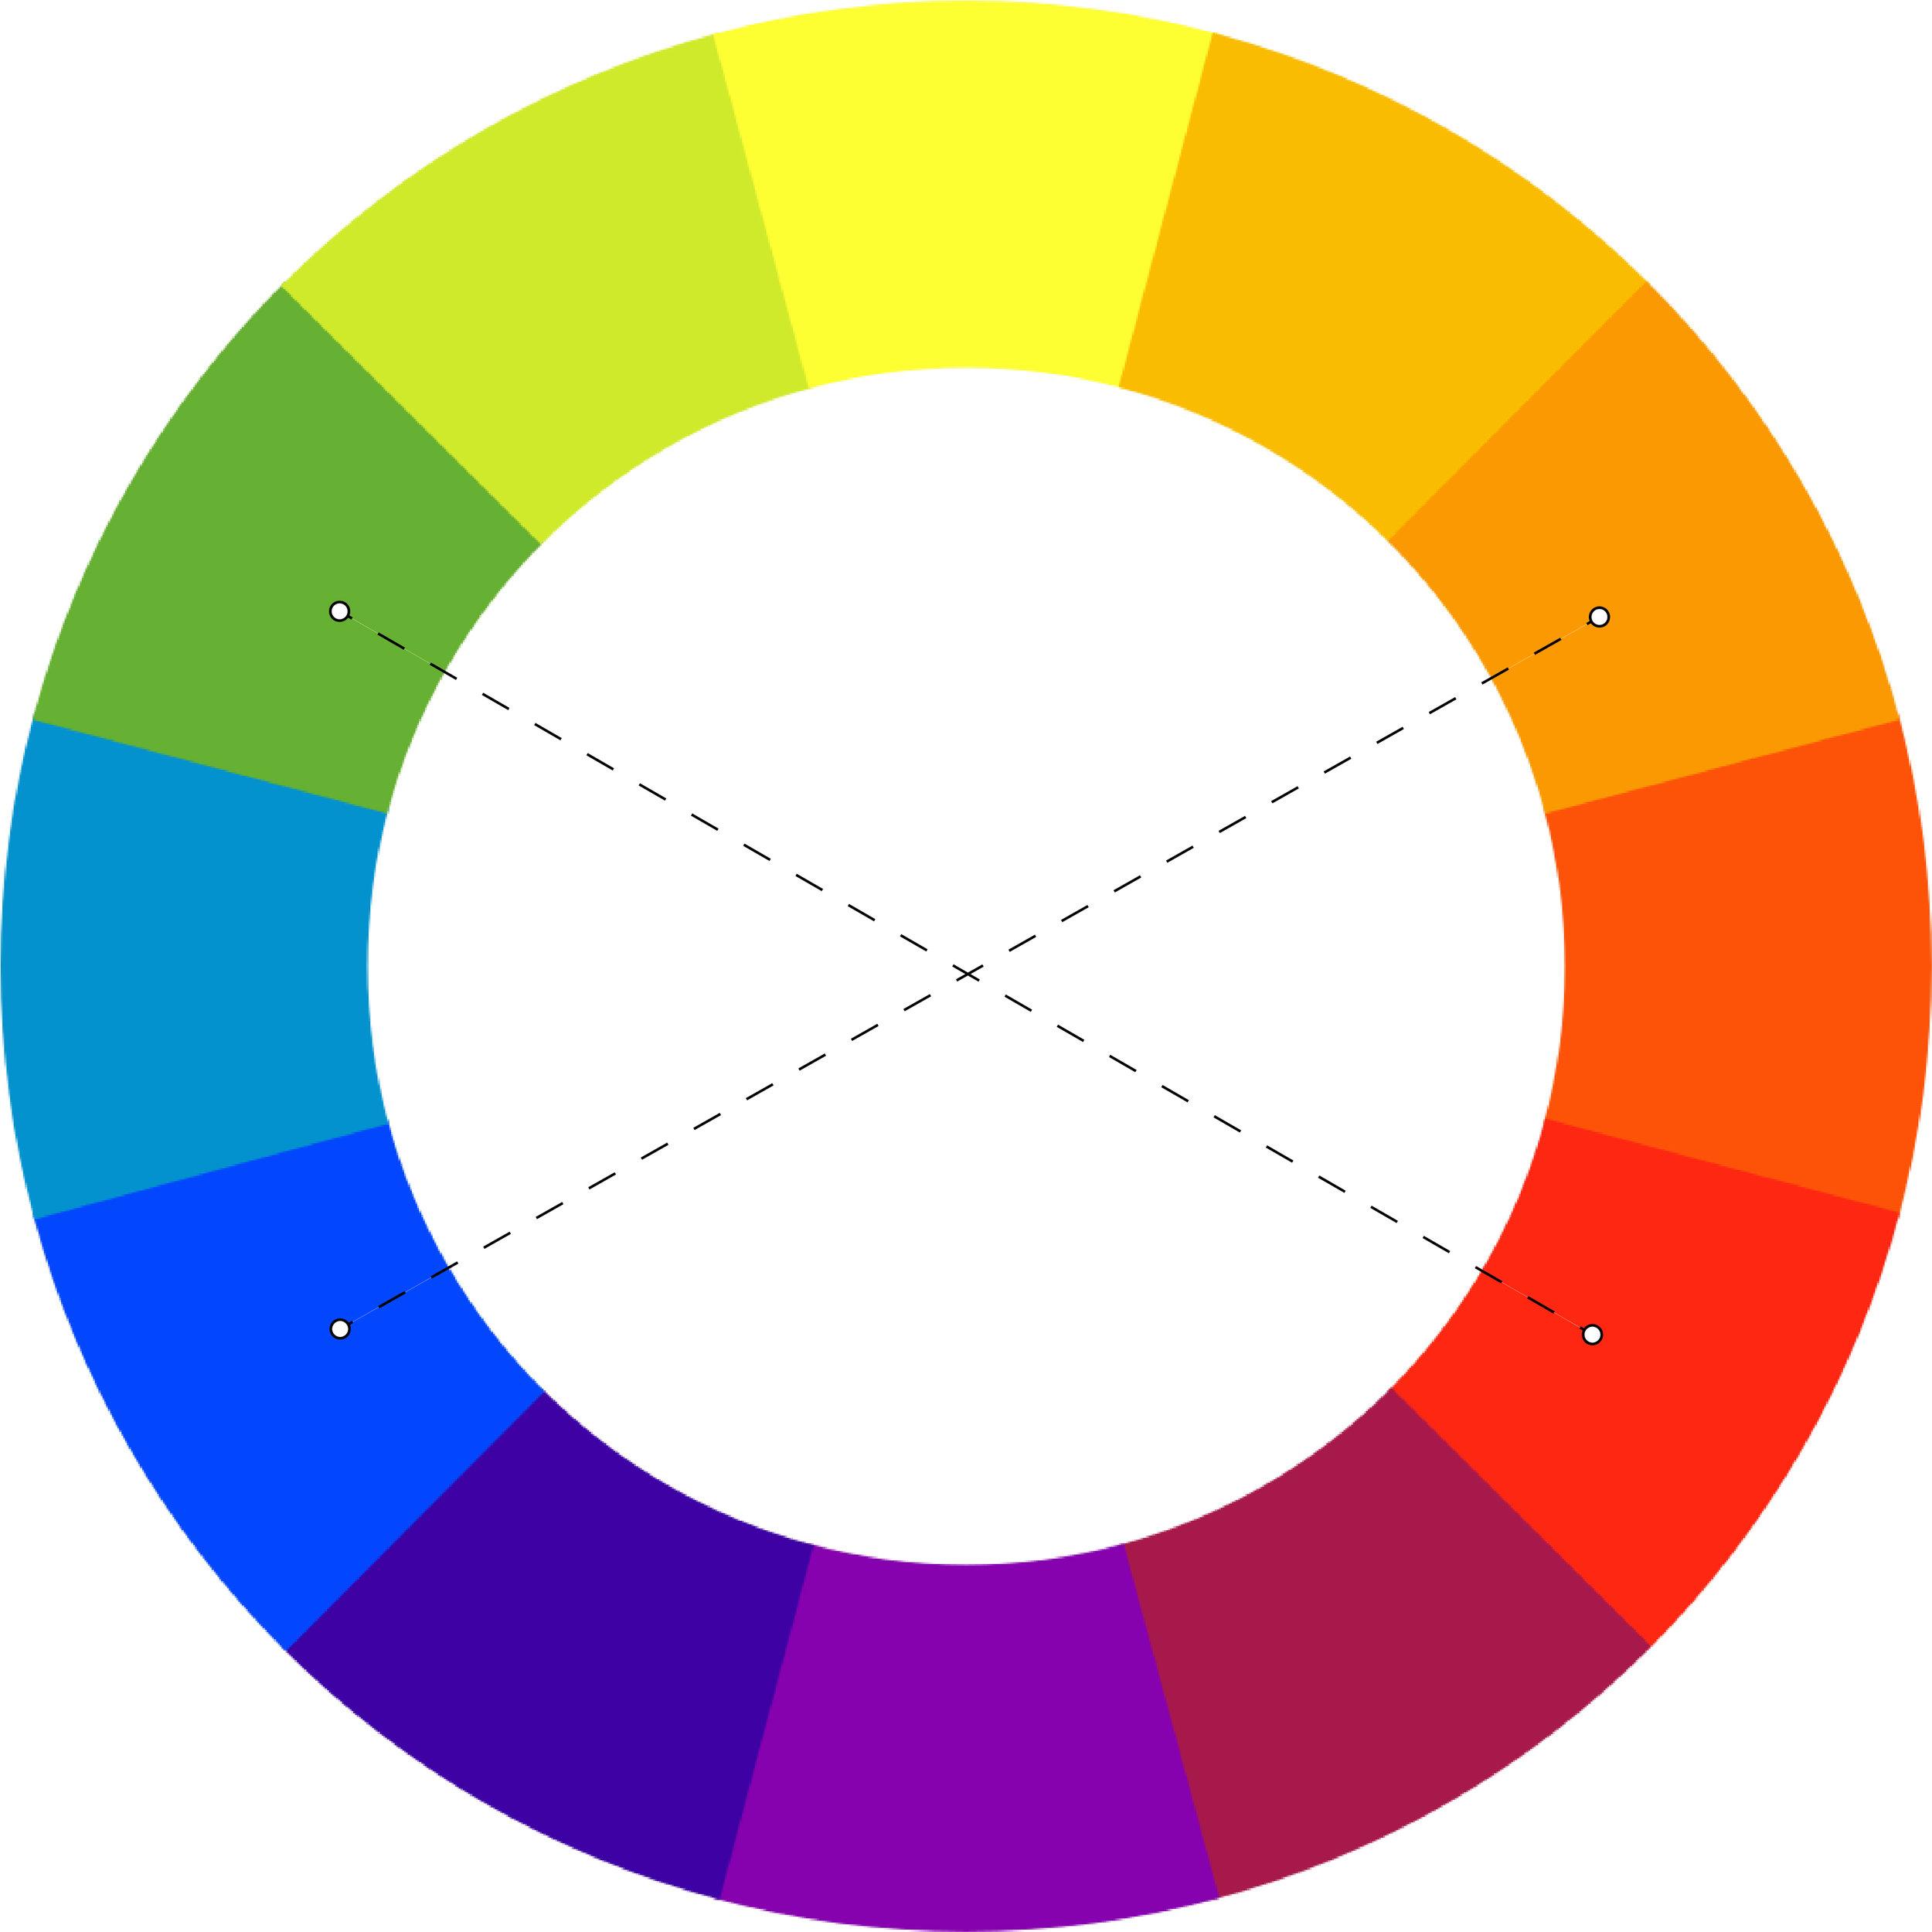 Jouez avec les couleurs complémentaires comme le bleu et le orange